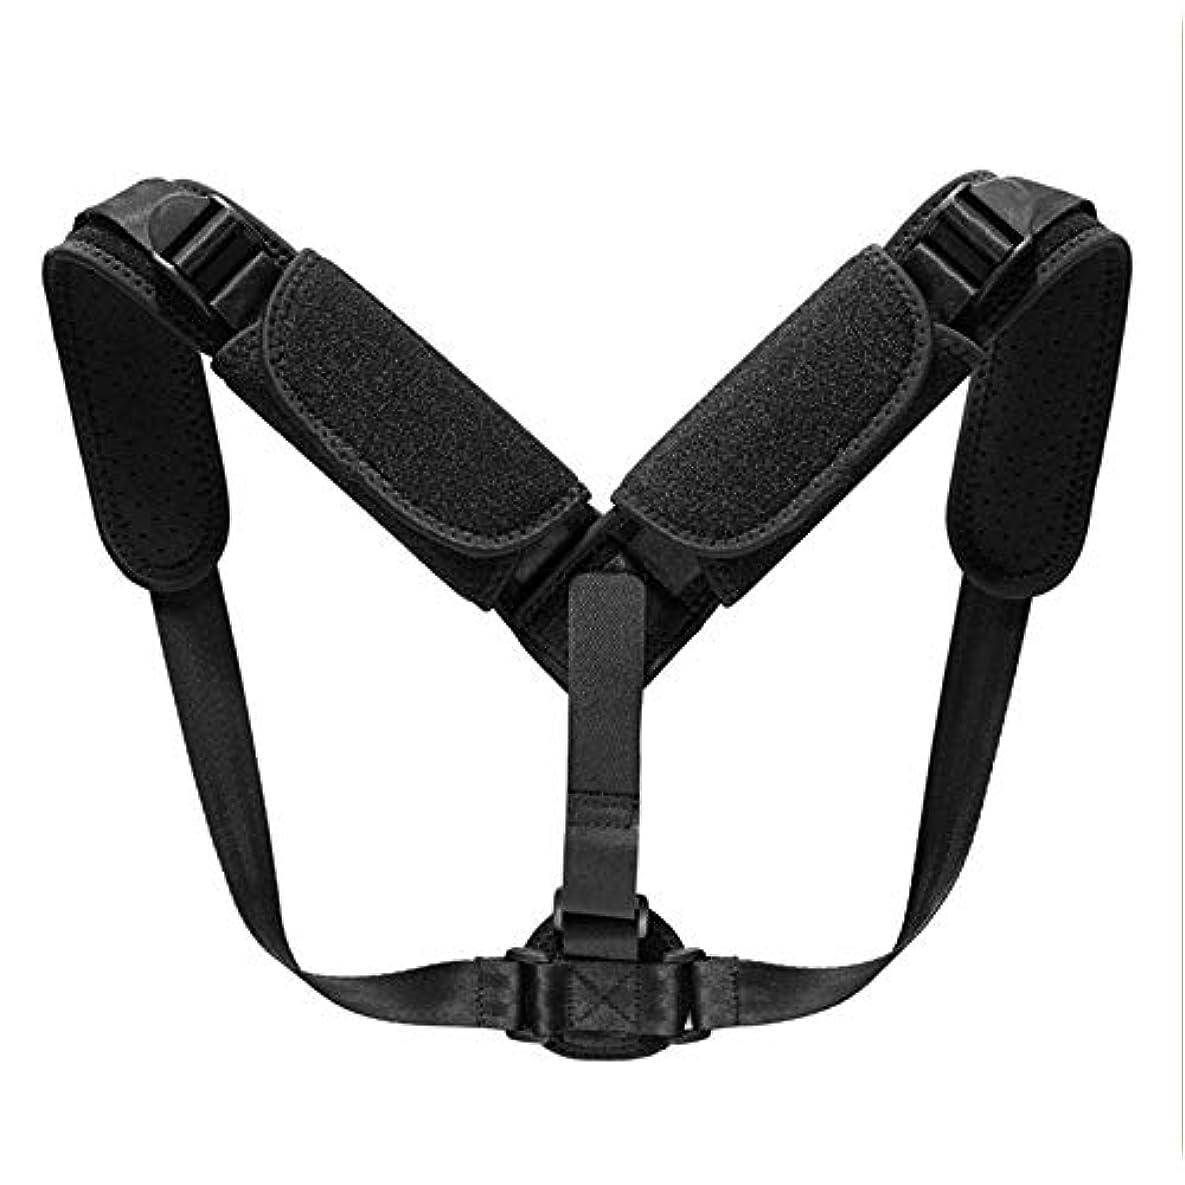 フロント錫無意識YD 姿勢整形矯正ベルトと肩パッド踏返し矯正ベルト調節可能な座位姿勢矯正ベルト付き矯正ベルト通気性矯正ベルト /&